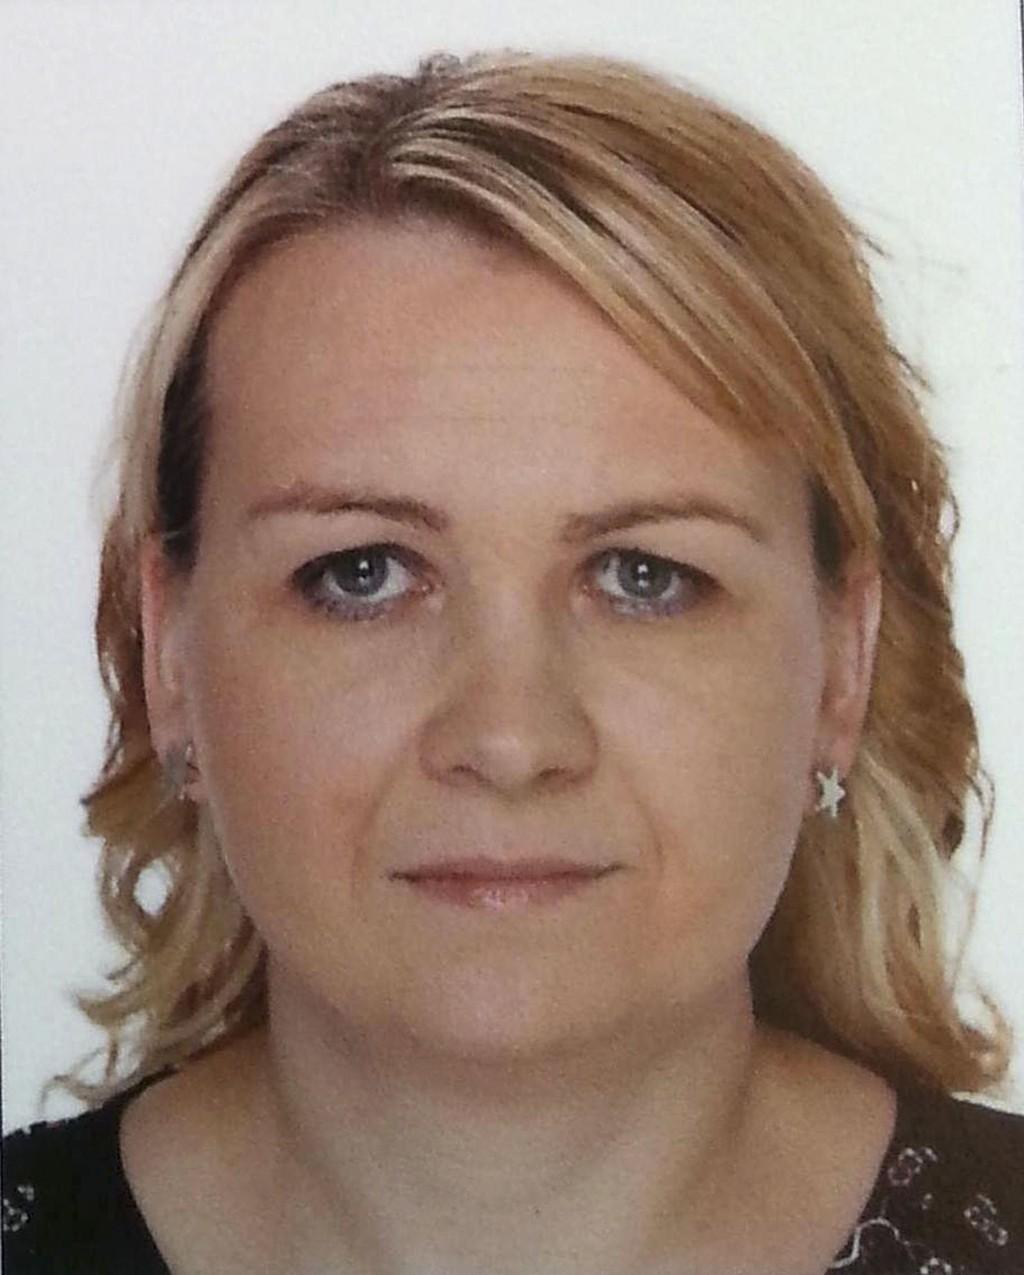 Arkivbilde av Agnes Elisabeth Müller som har vært savnet siden lørdag 19. april. Hun ble sist sett ved Oanes ferjekai i Forsand kommune ved 23-tiden onsdag 16. april. Hennes ektemann ble mandag siktet for drap.